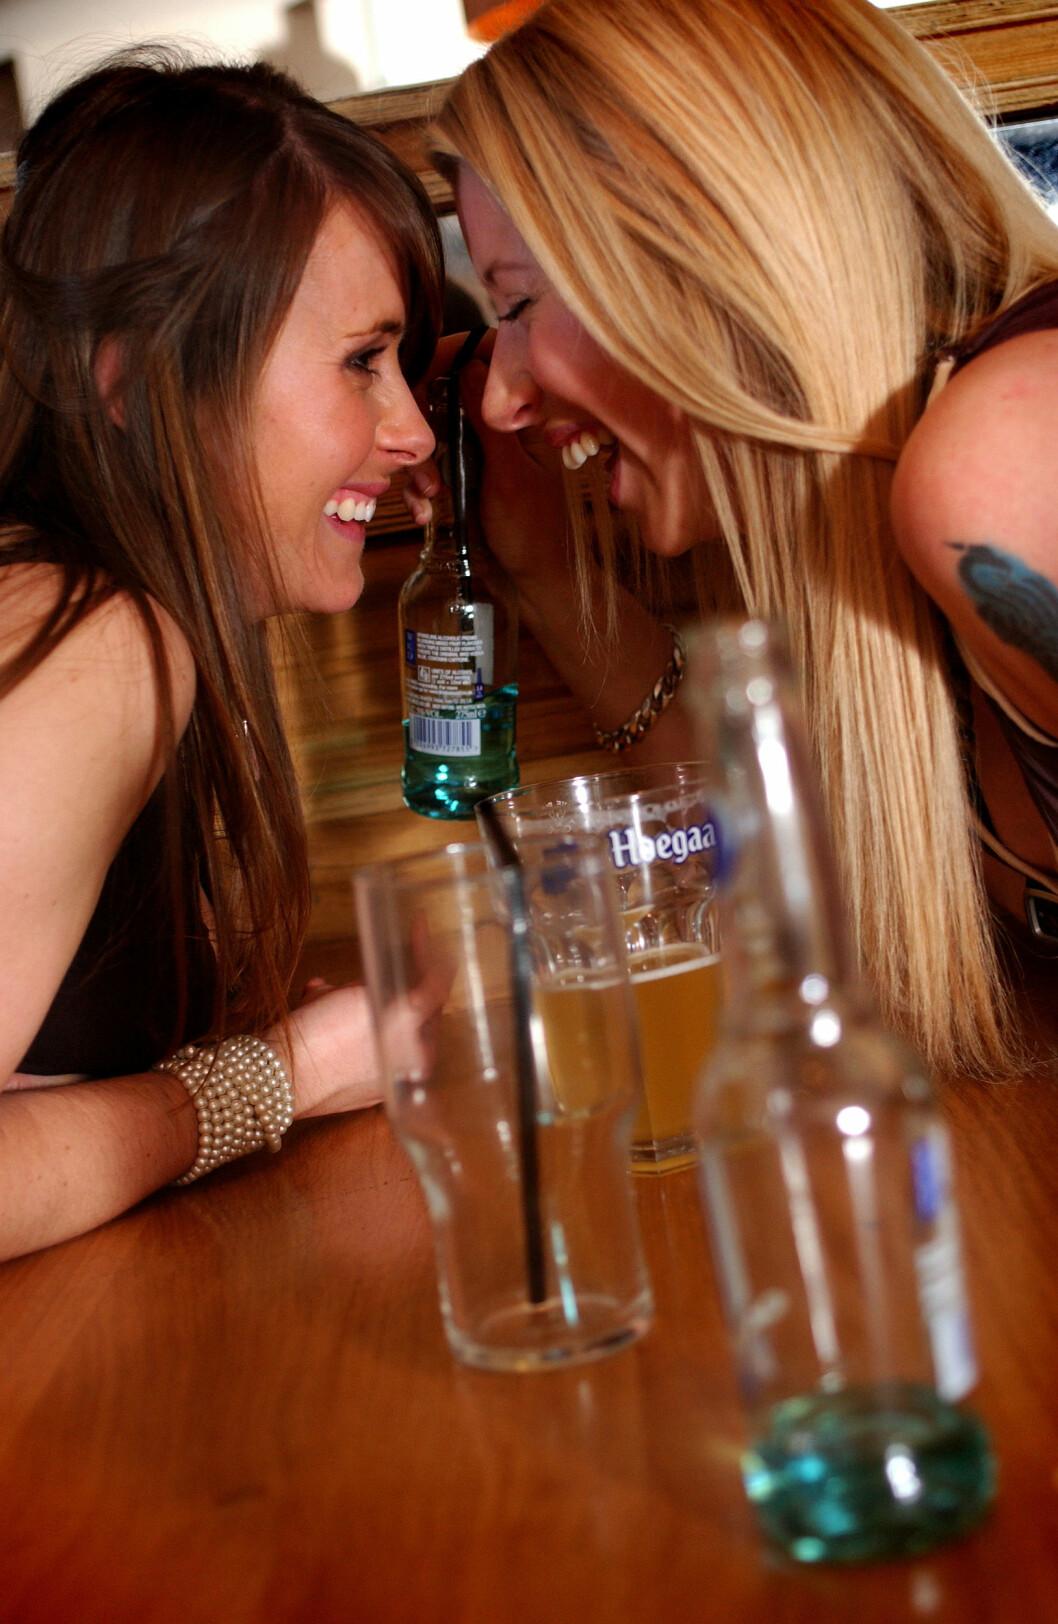 GODT HUMØR: En god regel er å ikke drikke seg så beruset at du er til sjenanse for andre, eller en risiko for deg selv. Et par enheter alkohol er alt som skal til for å få deg i godt humør. Foto: Jim Wileman / Alamy/All Over Press